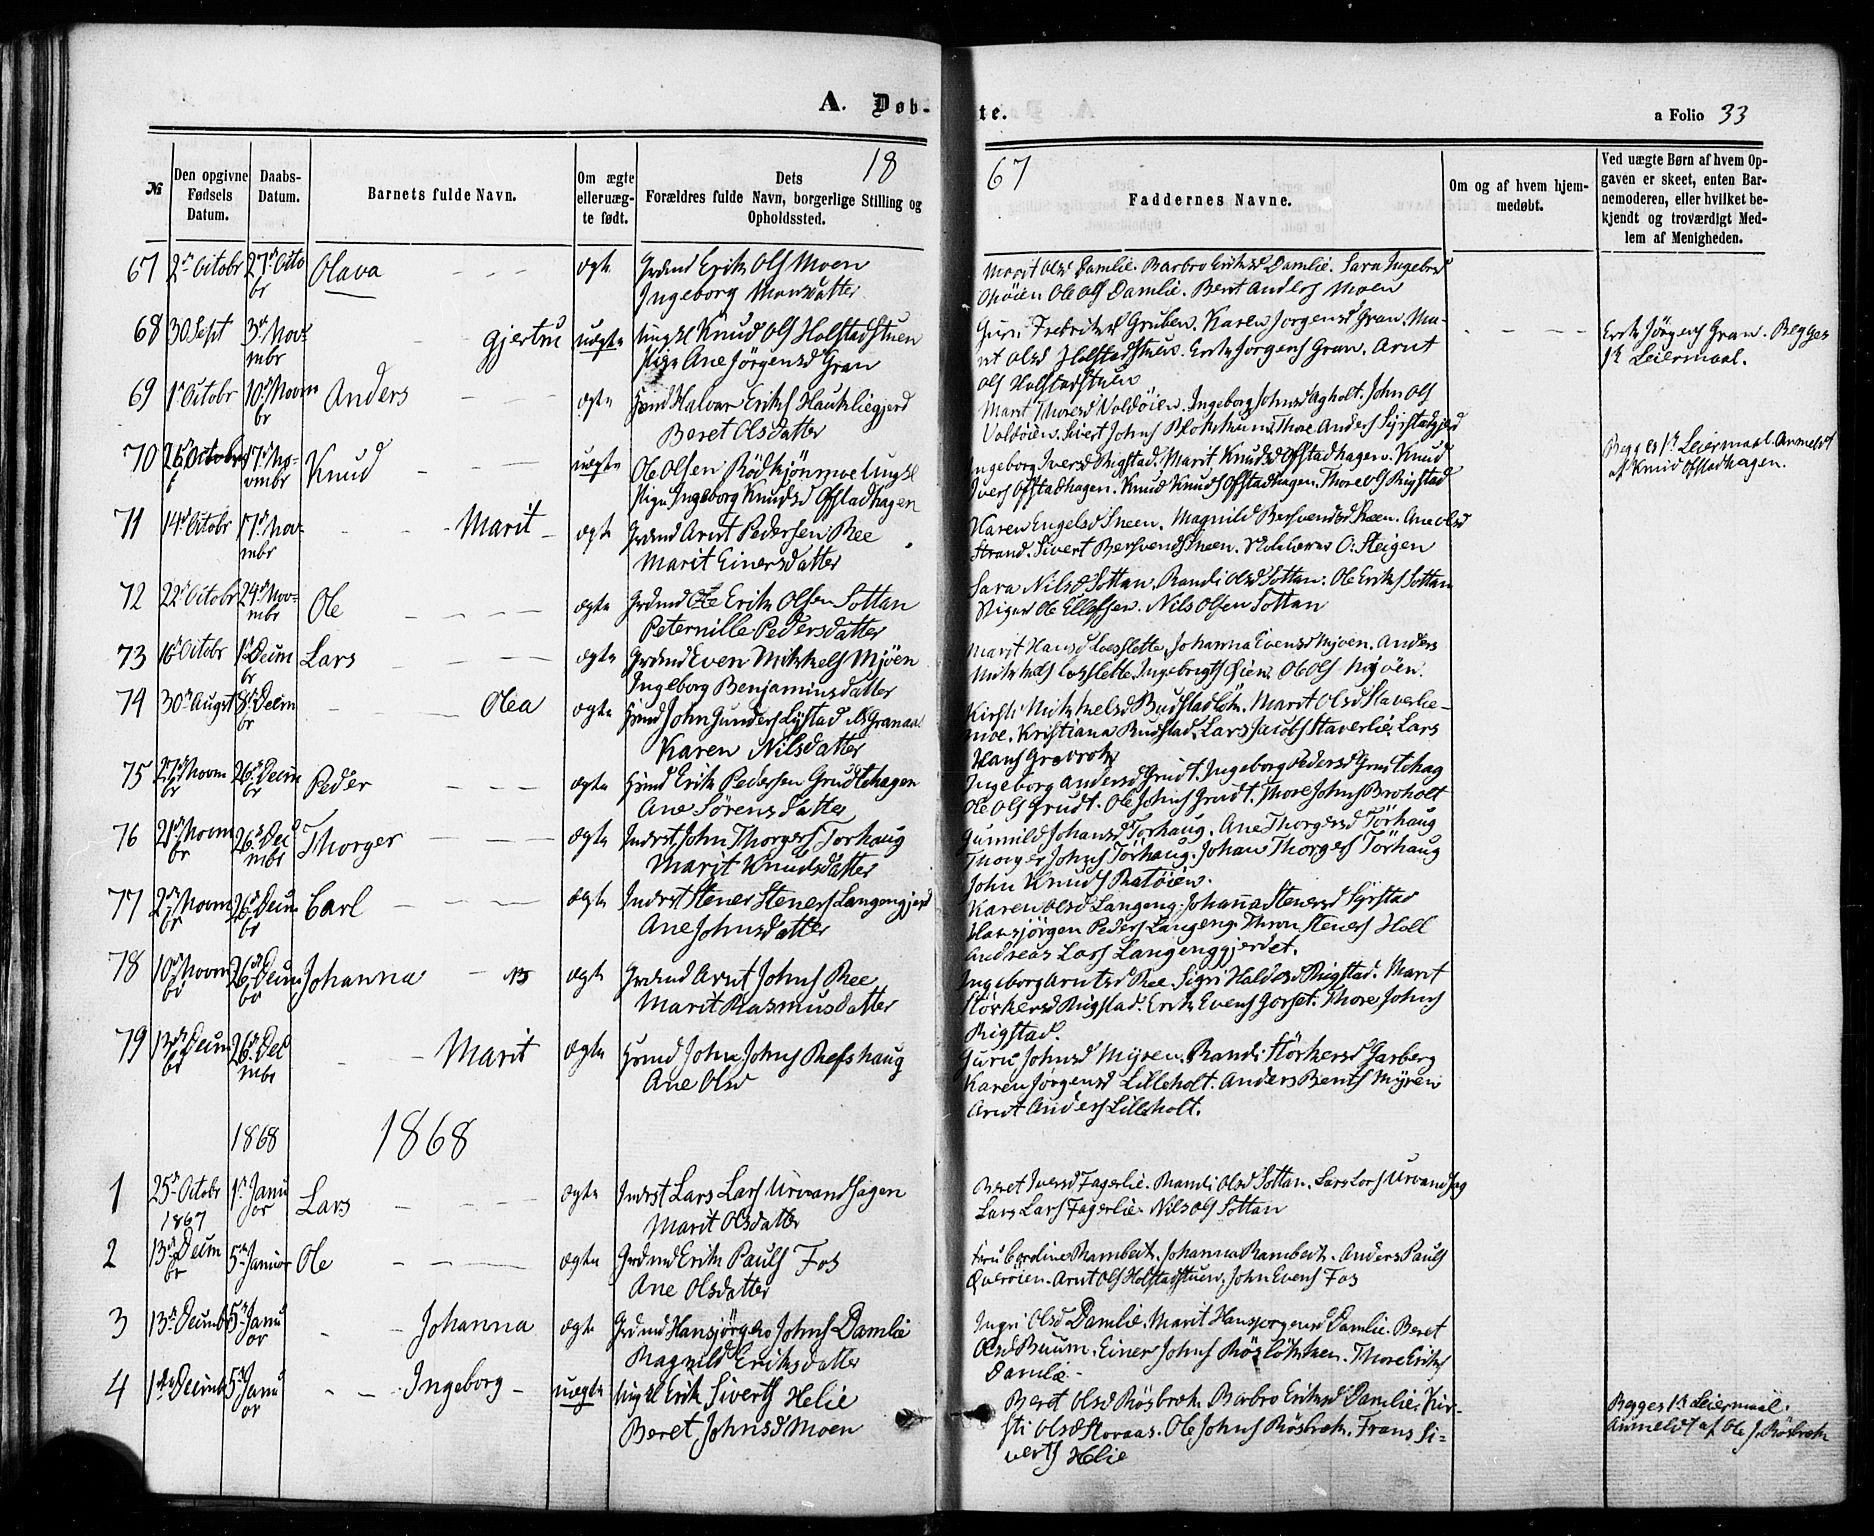 SAT, Ministerialprotokoller, klokkerbøker og fødselsregistre - Sør-Trøndelag, 672/L0856: Ministerialbok nr. 672A08, 1861-1881, s. 33